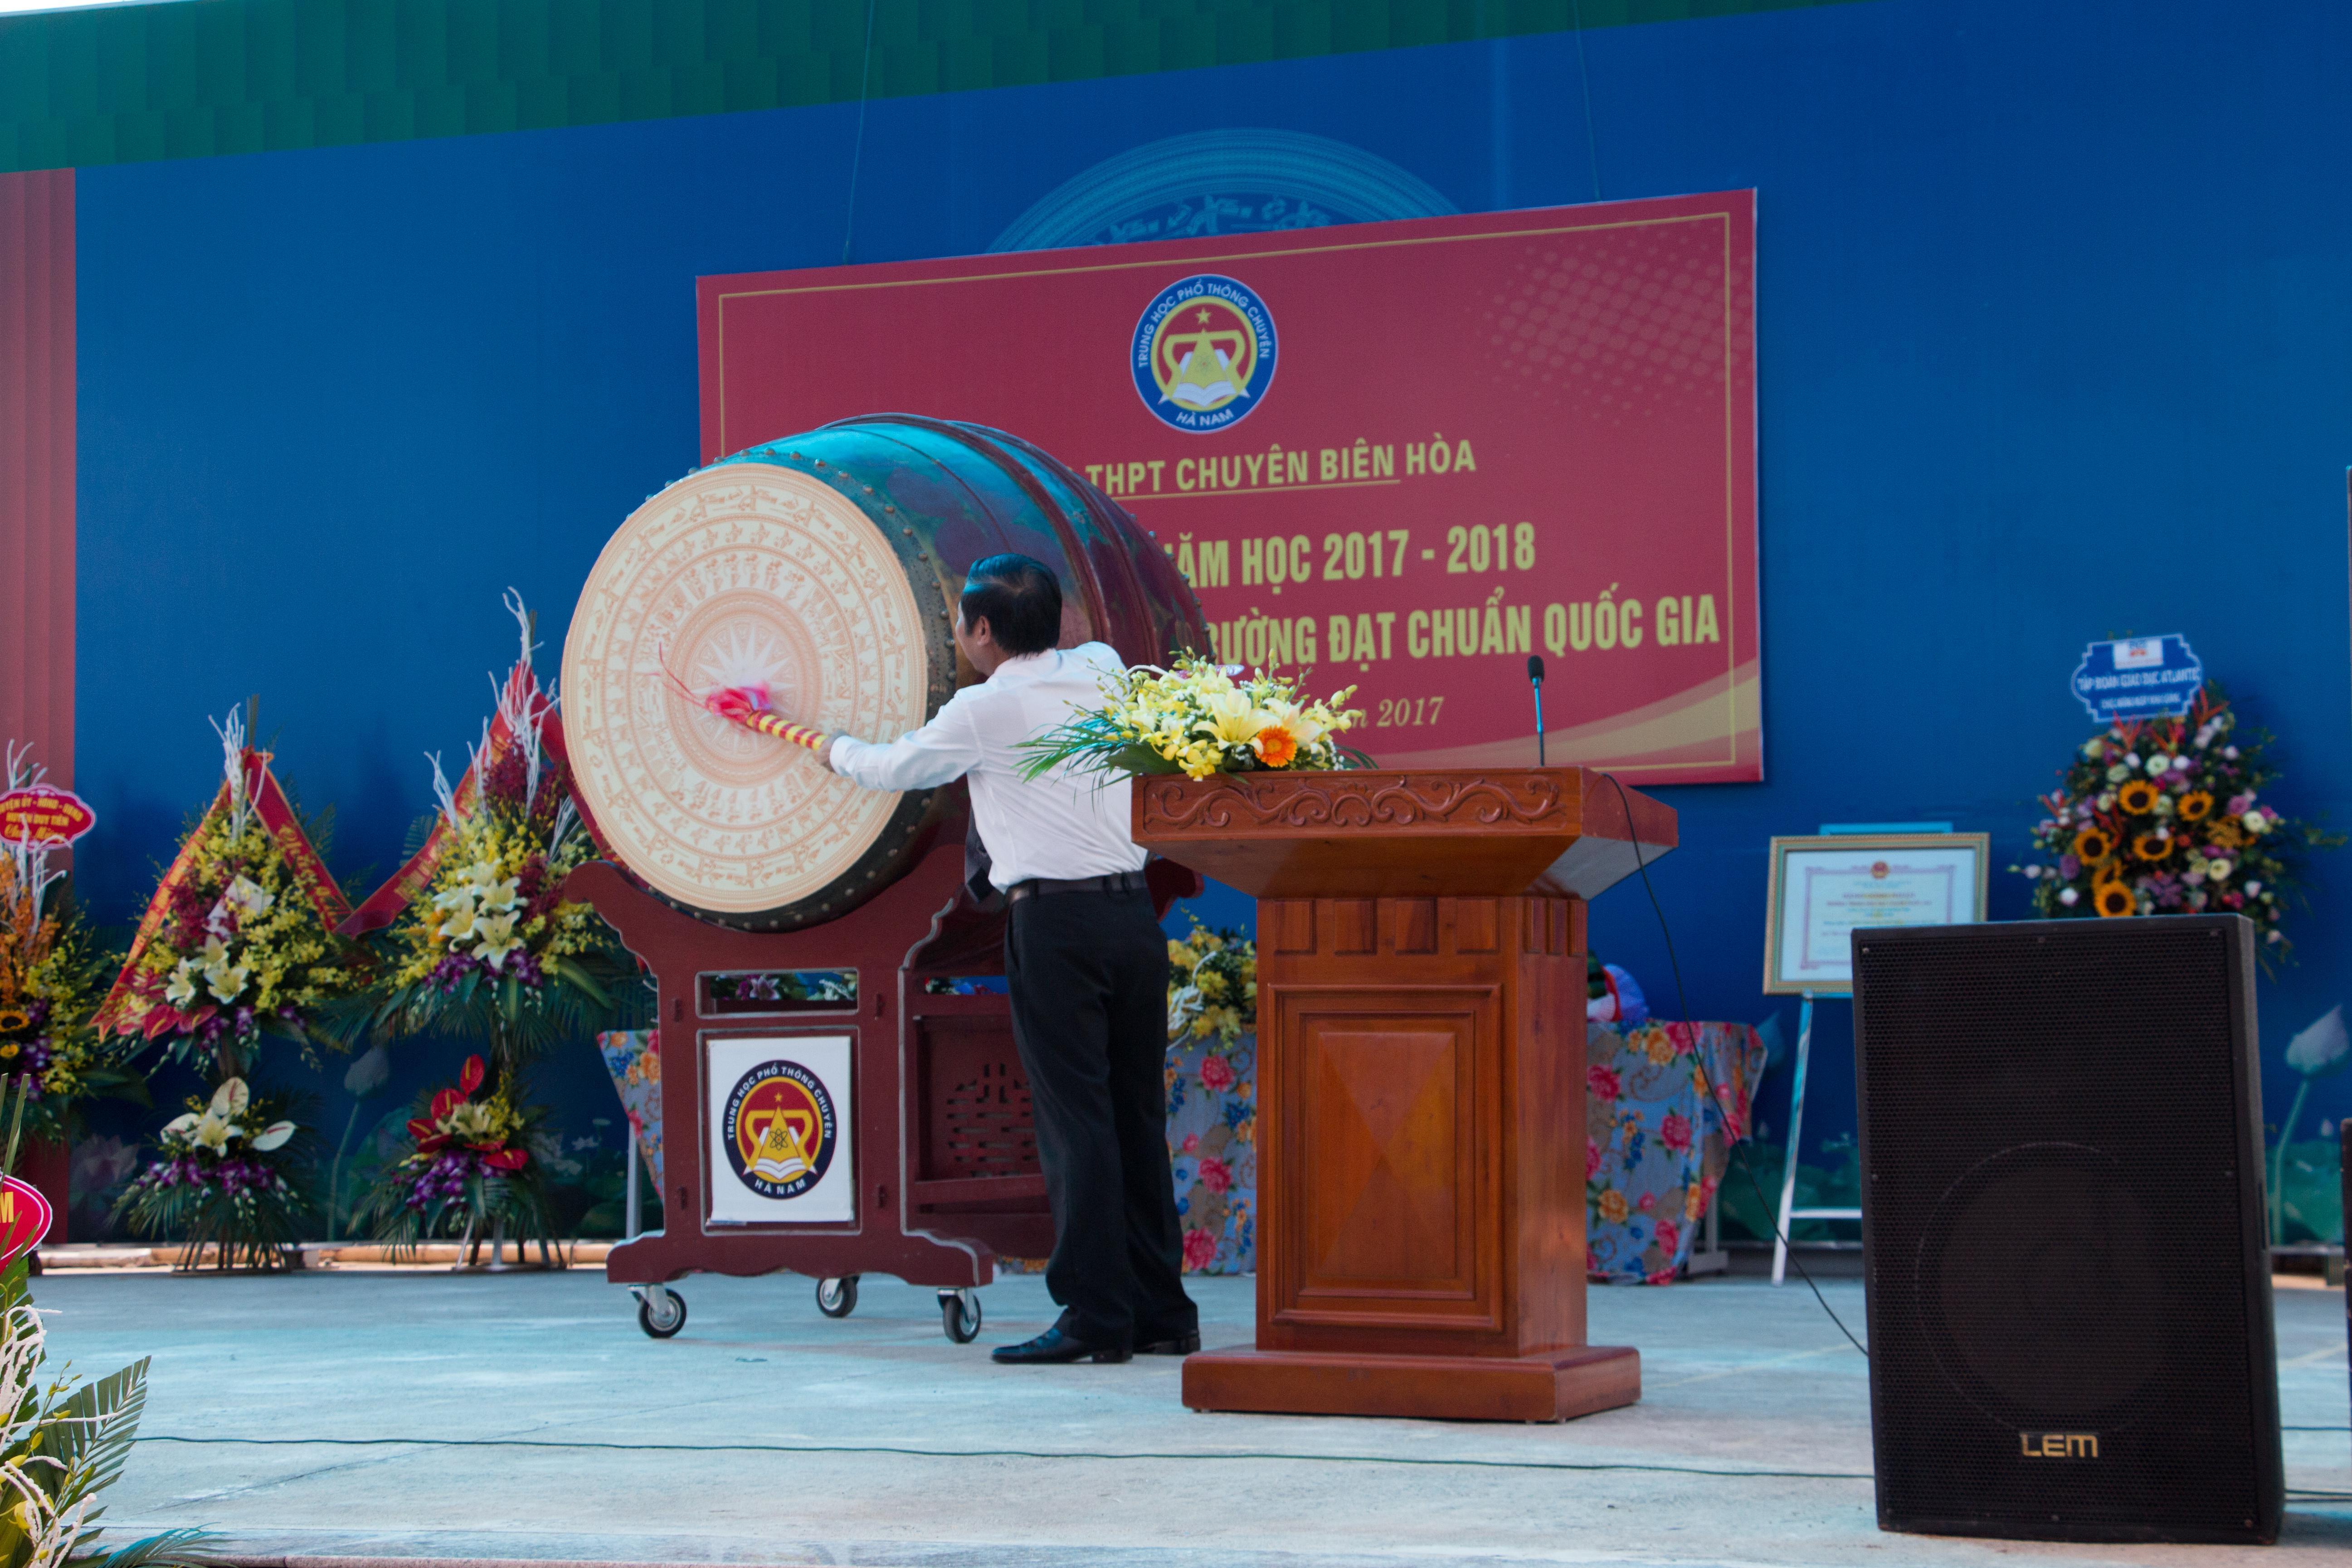 Khai giảng - TH chuyên Biên Hòa